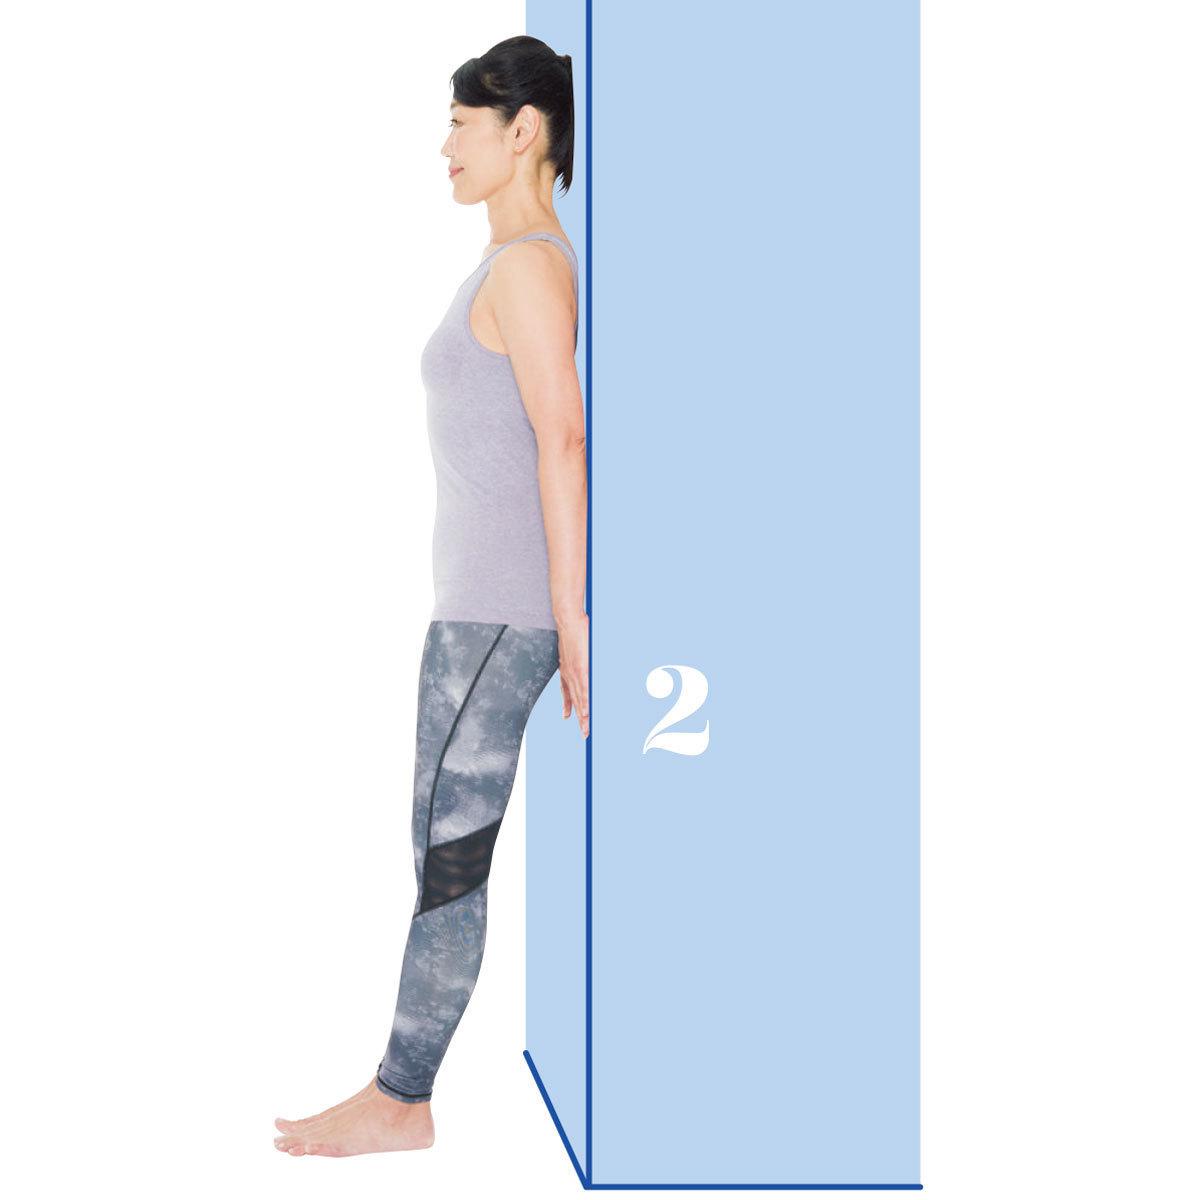 頭を正しい位置に戻す1:頭を後ろに戻すエクササイズ2